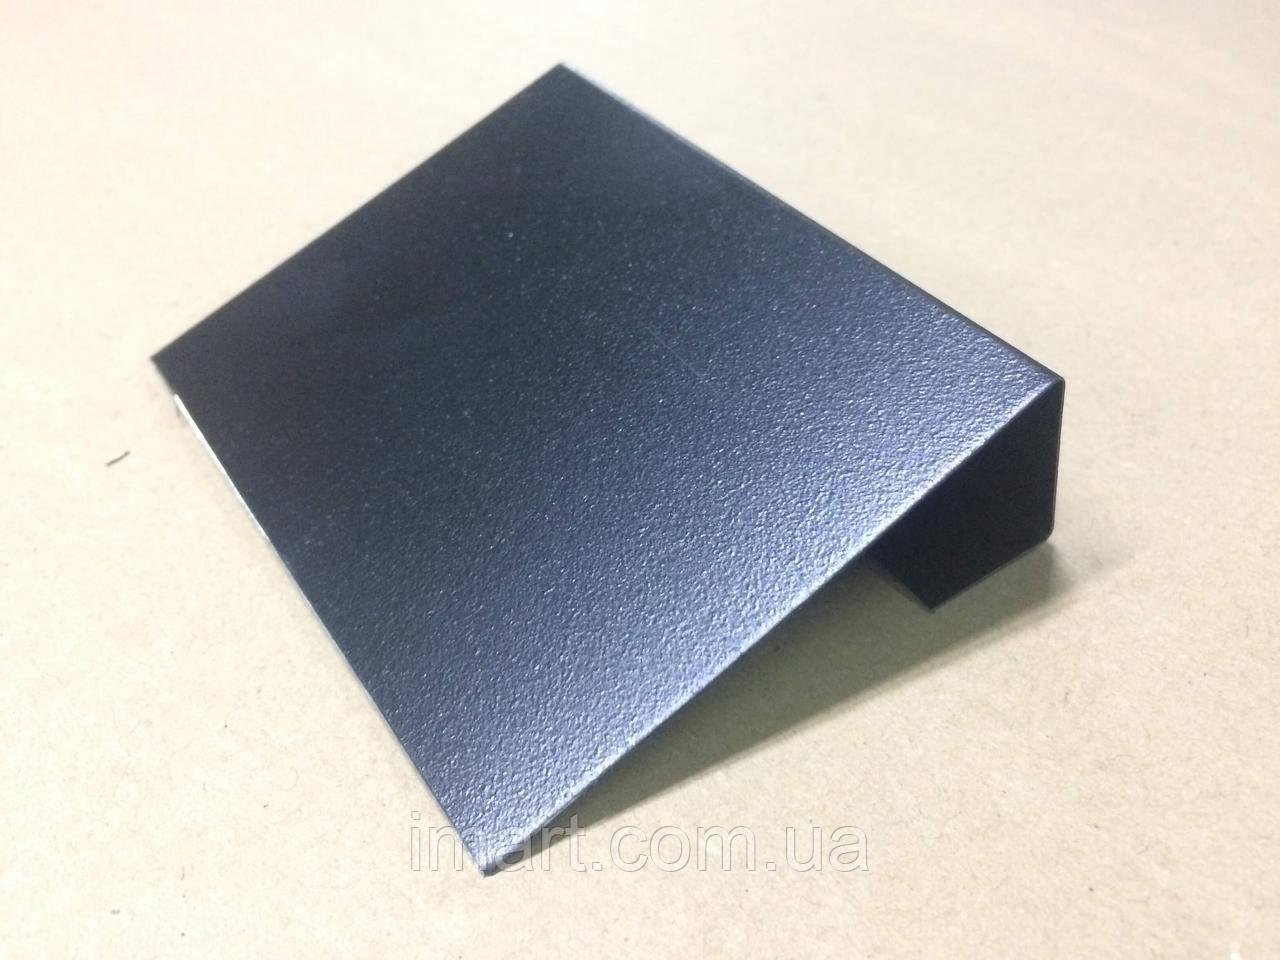 Ценник меловой 7х10 см  А7  с подставкой. (для надписей мелом и маркером)  черный. Грифельный ценник